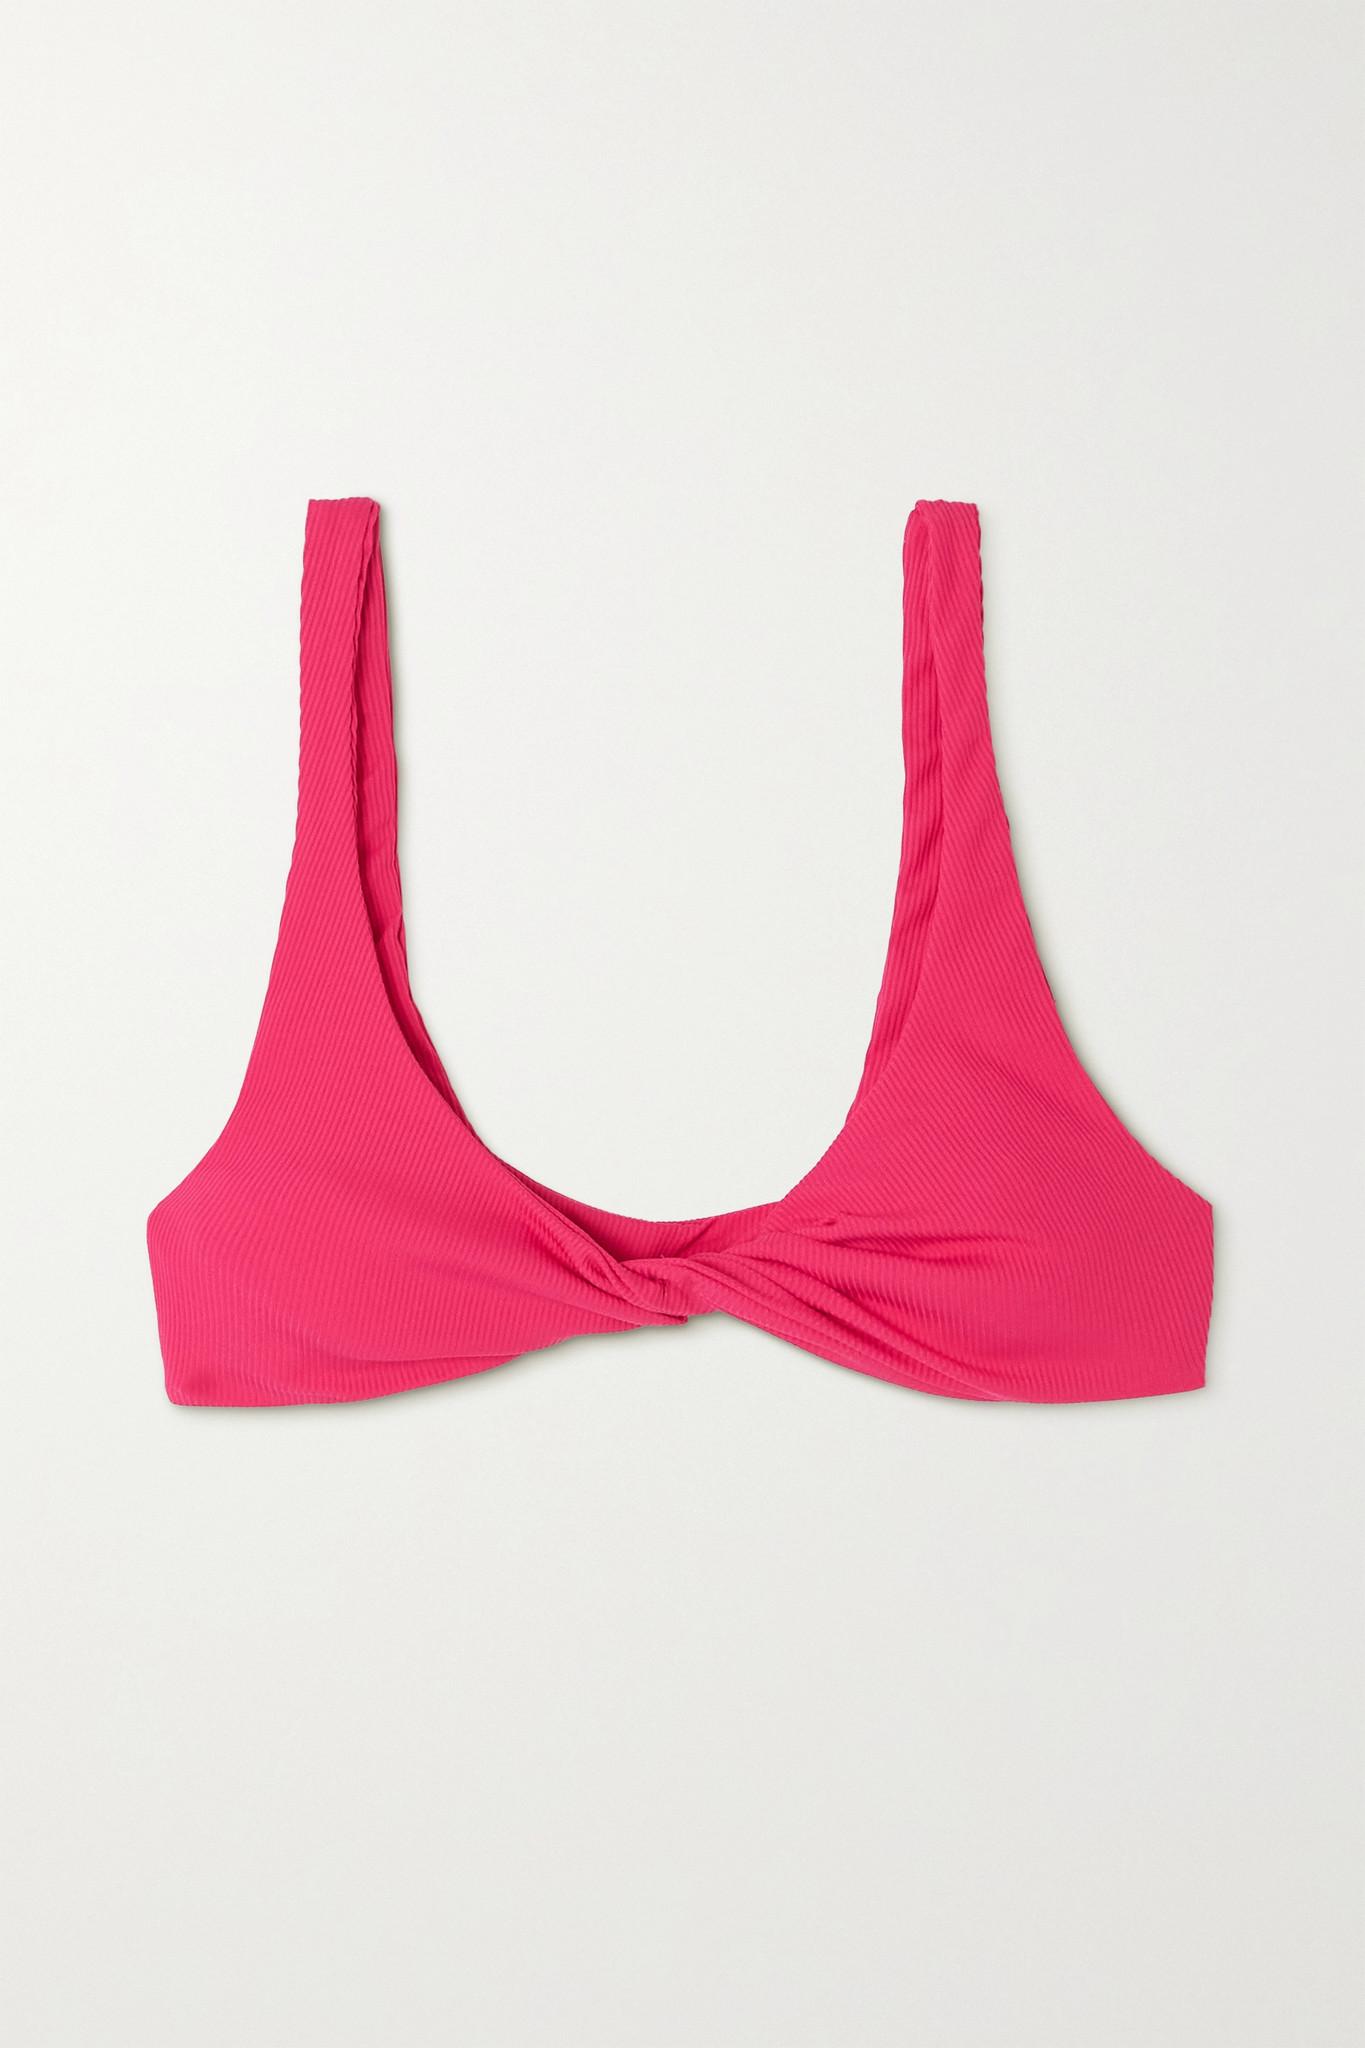 THE ATTICO - 拧绕式罗纹三角比基尼上装 - 粉红色 - medium